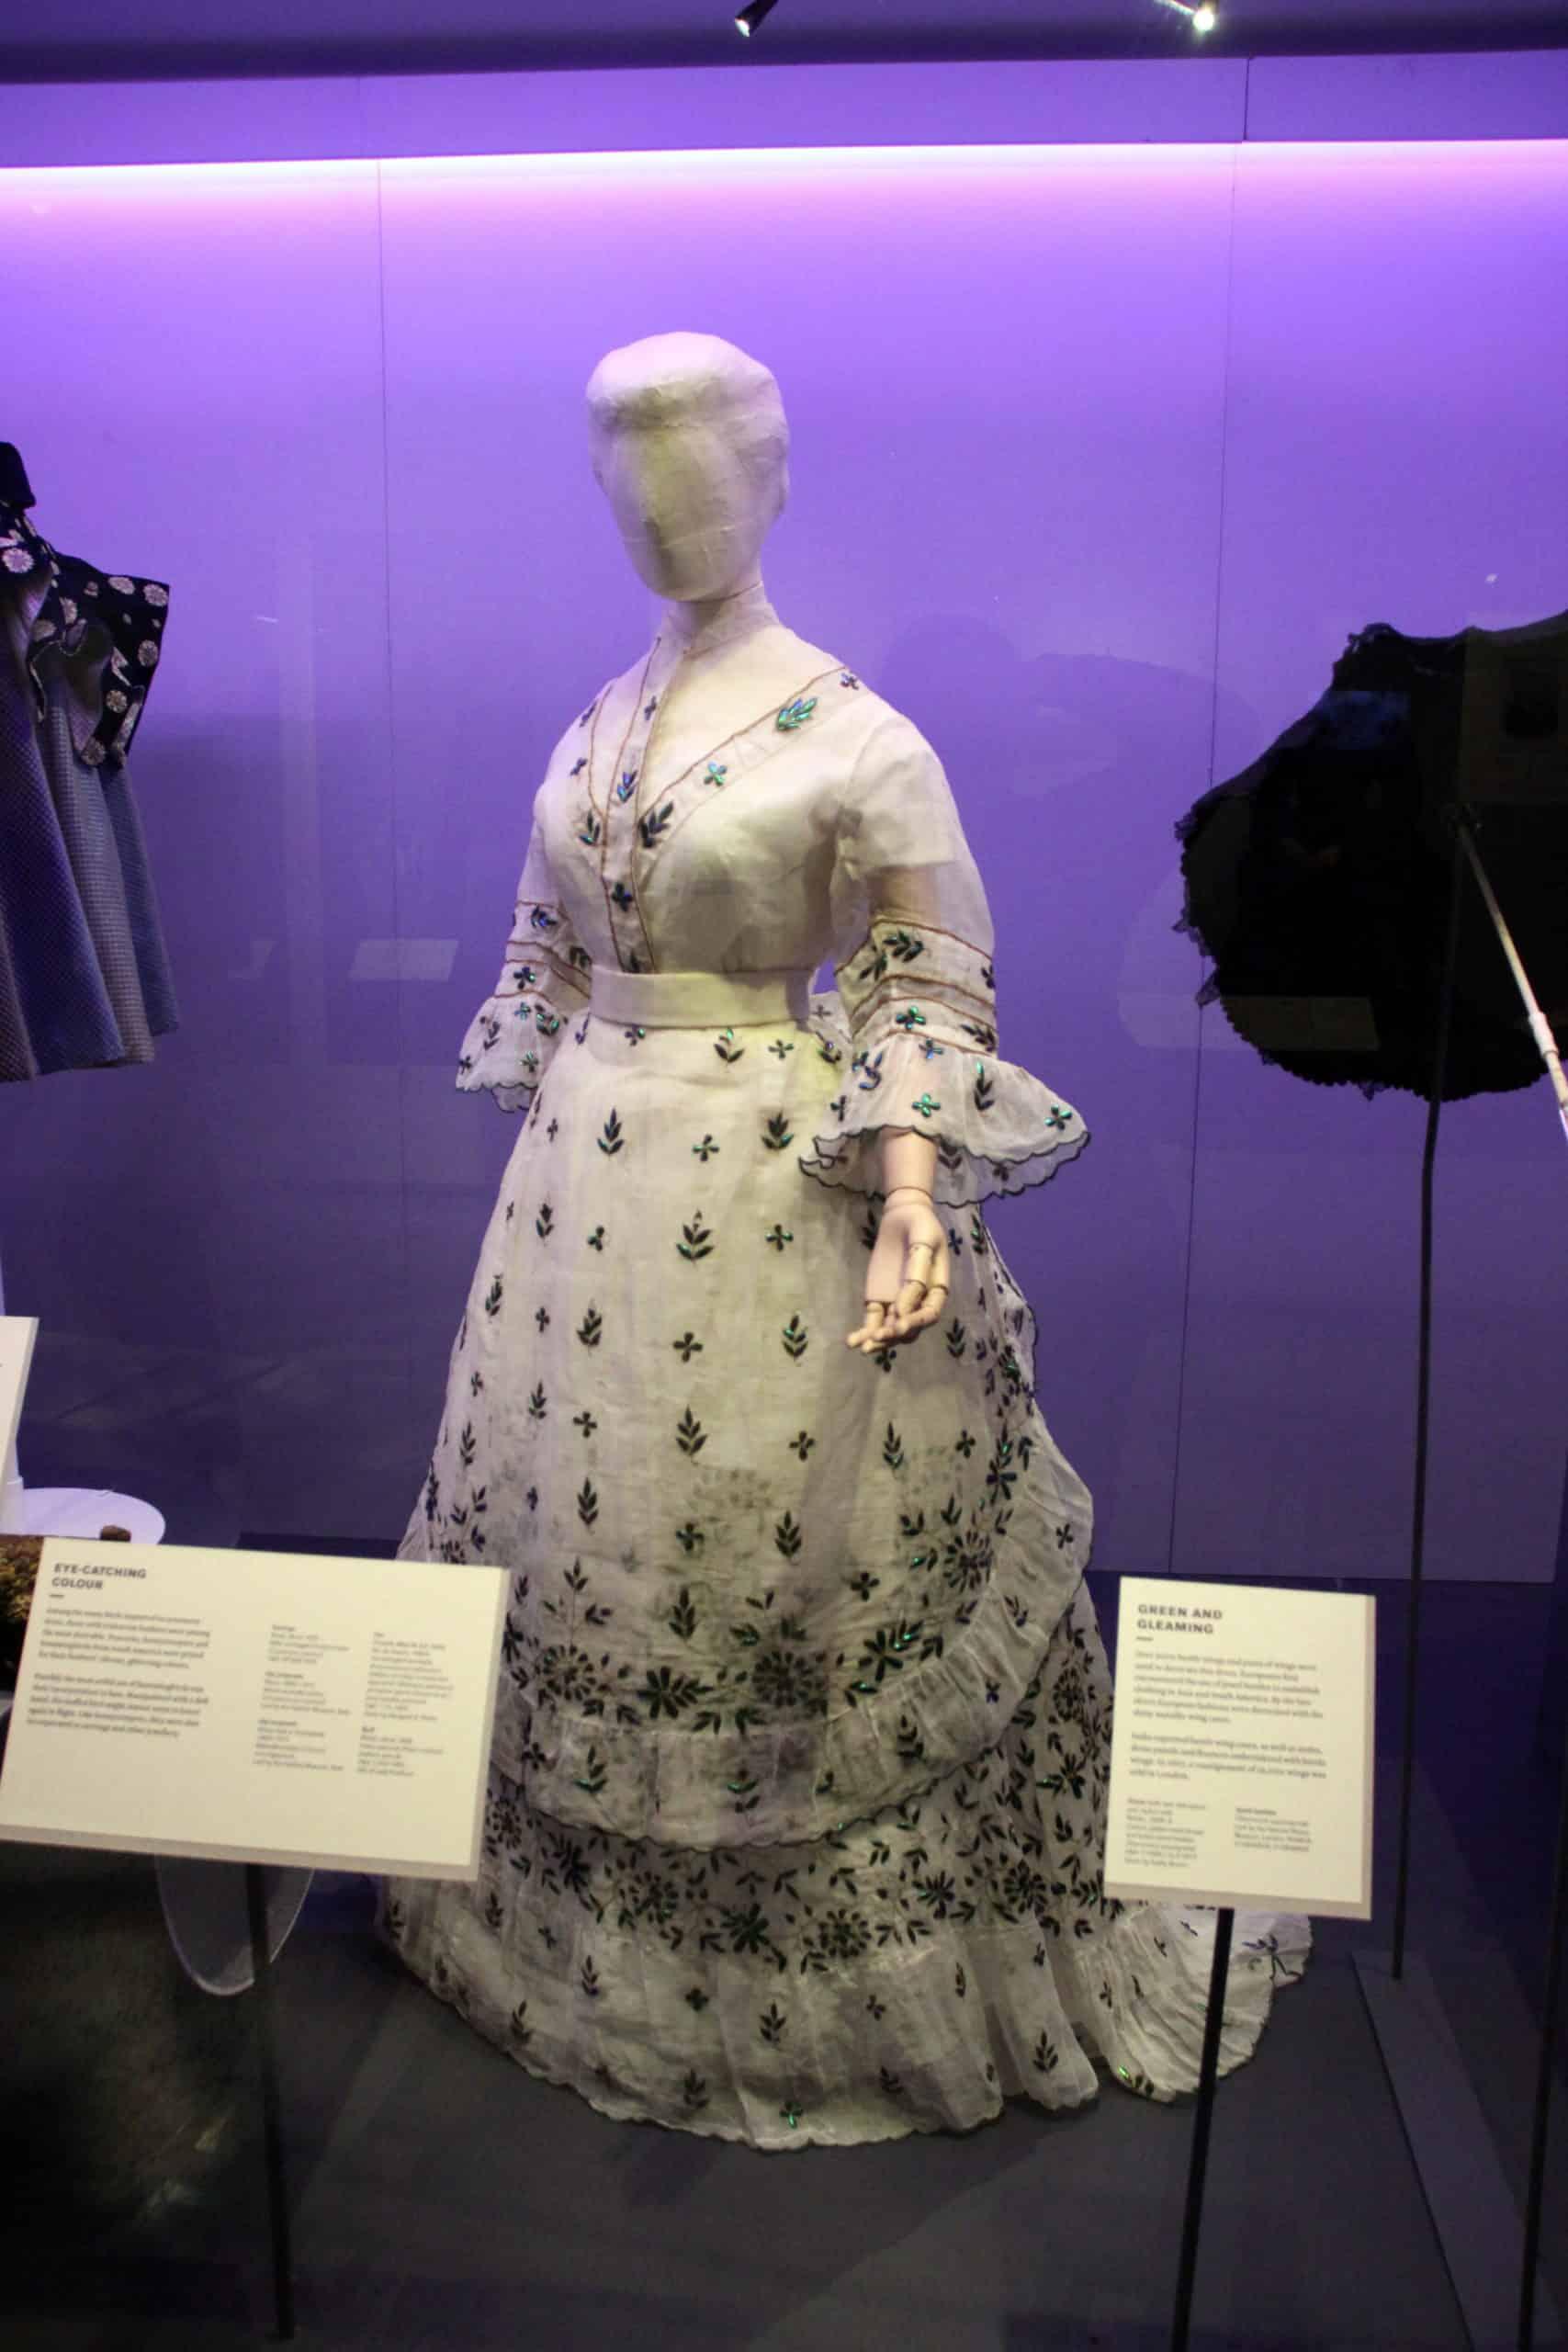 שמלה ויקטוריאנית בעיטור כנפי חיפושיות